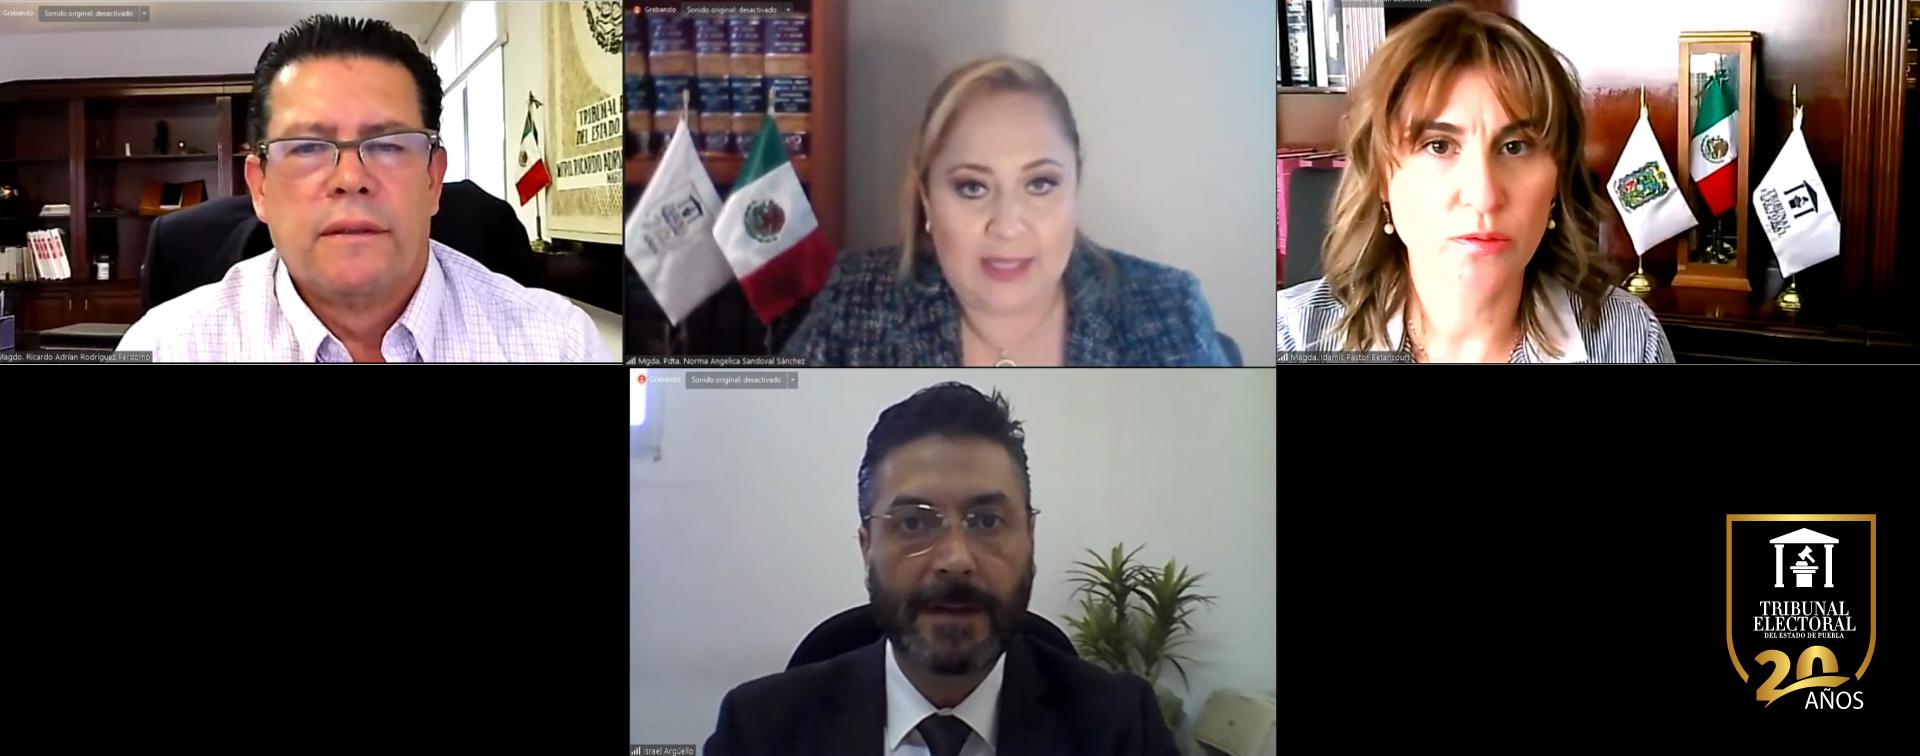 Tribunal Electoral de Puebla confirma los resultados de las elecciones en diversos municipios